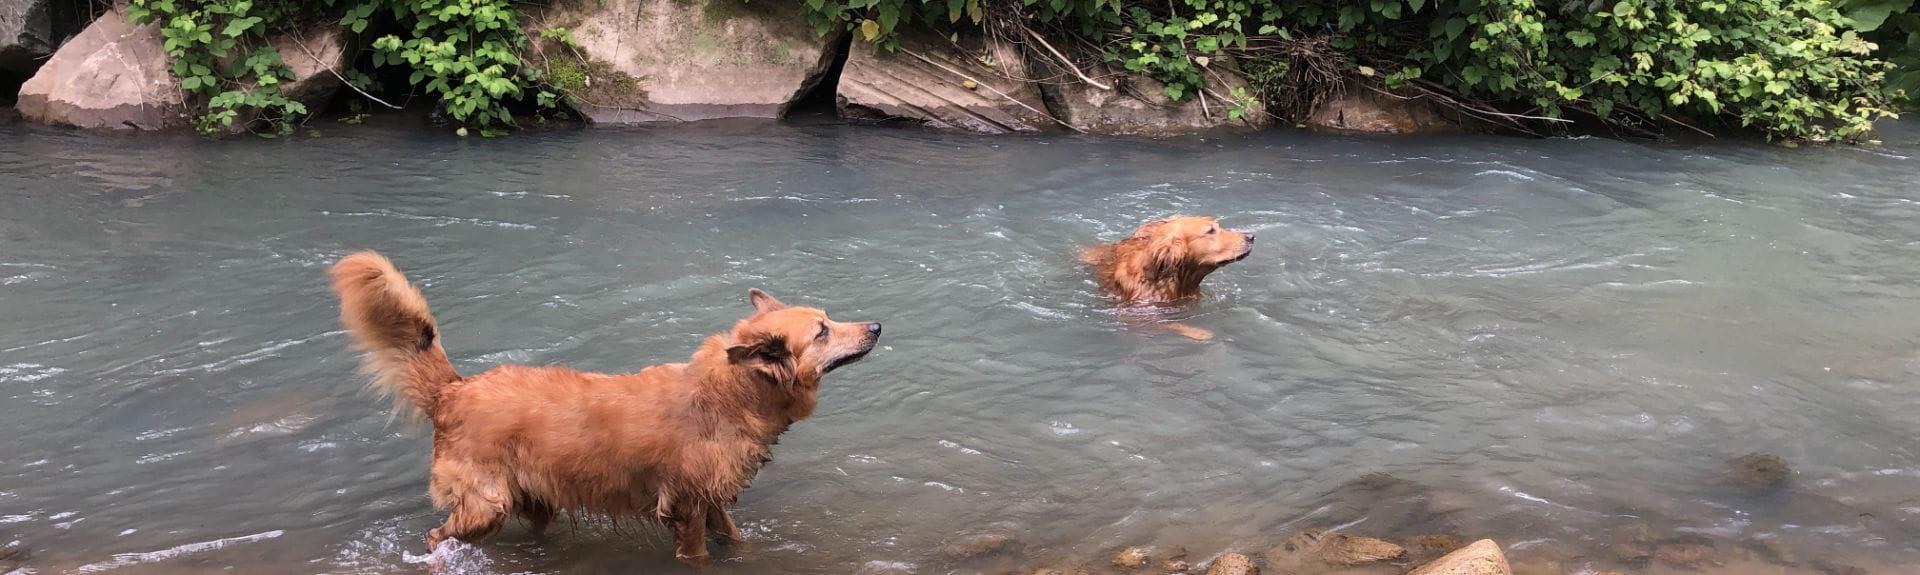 Urlaub Mit Hund Fluss